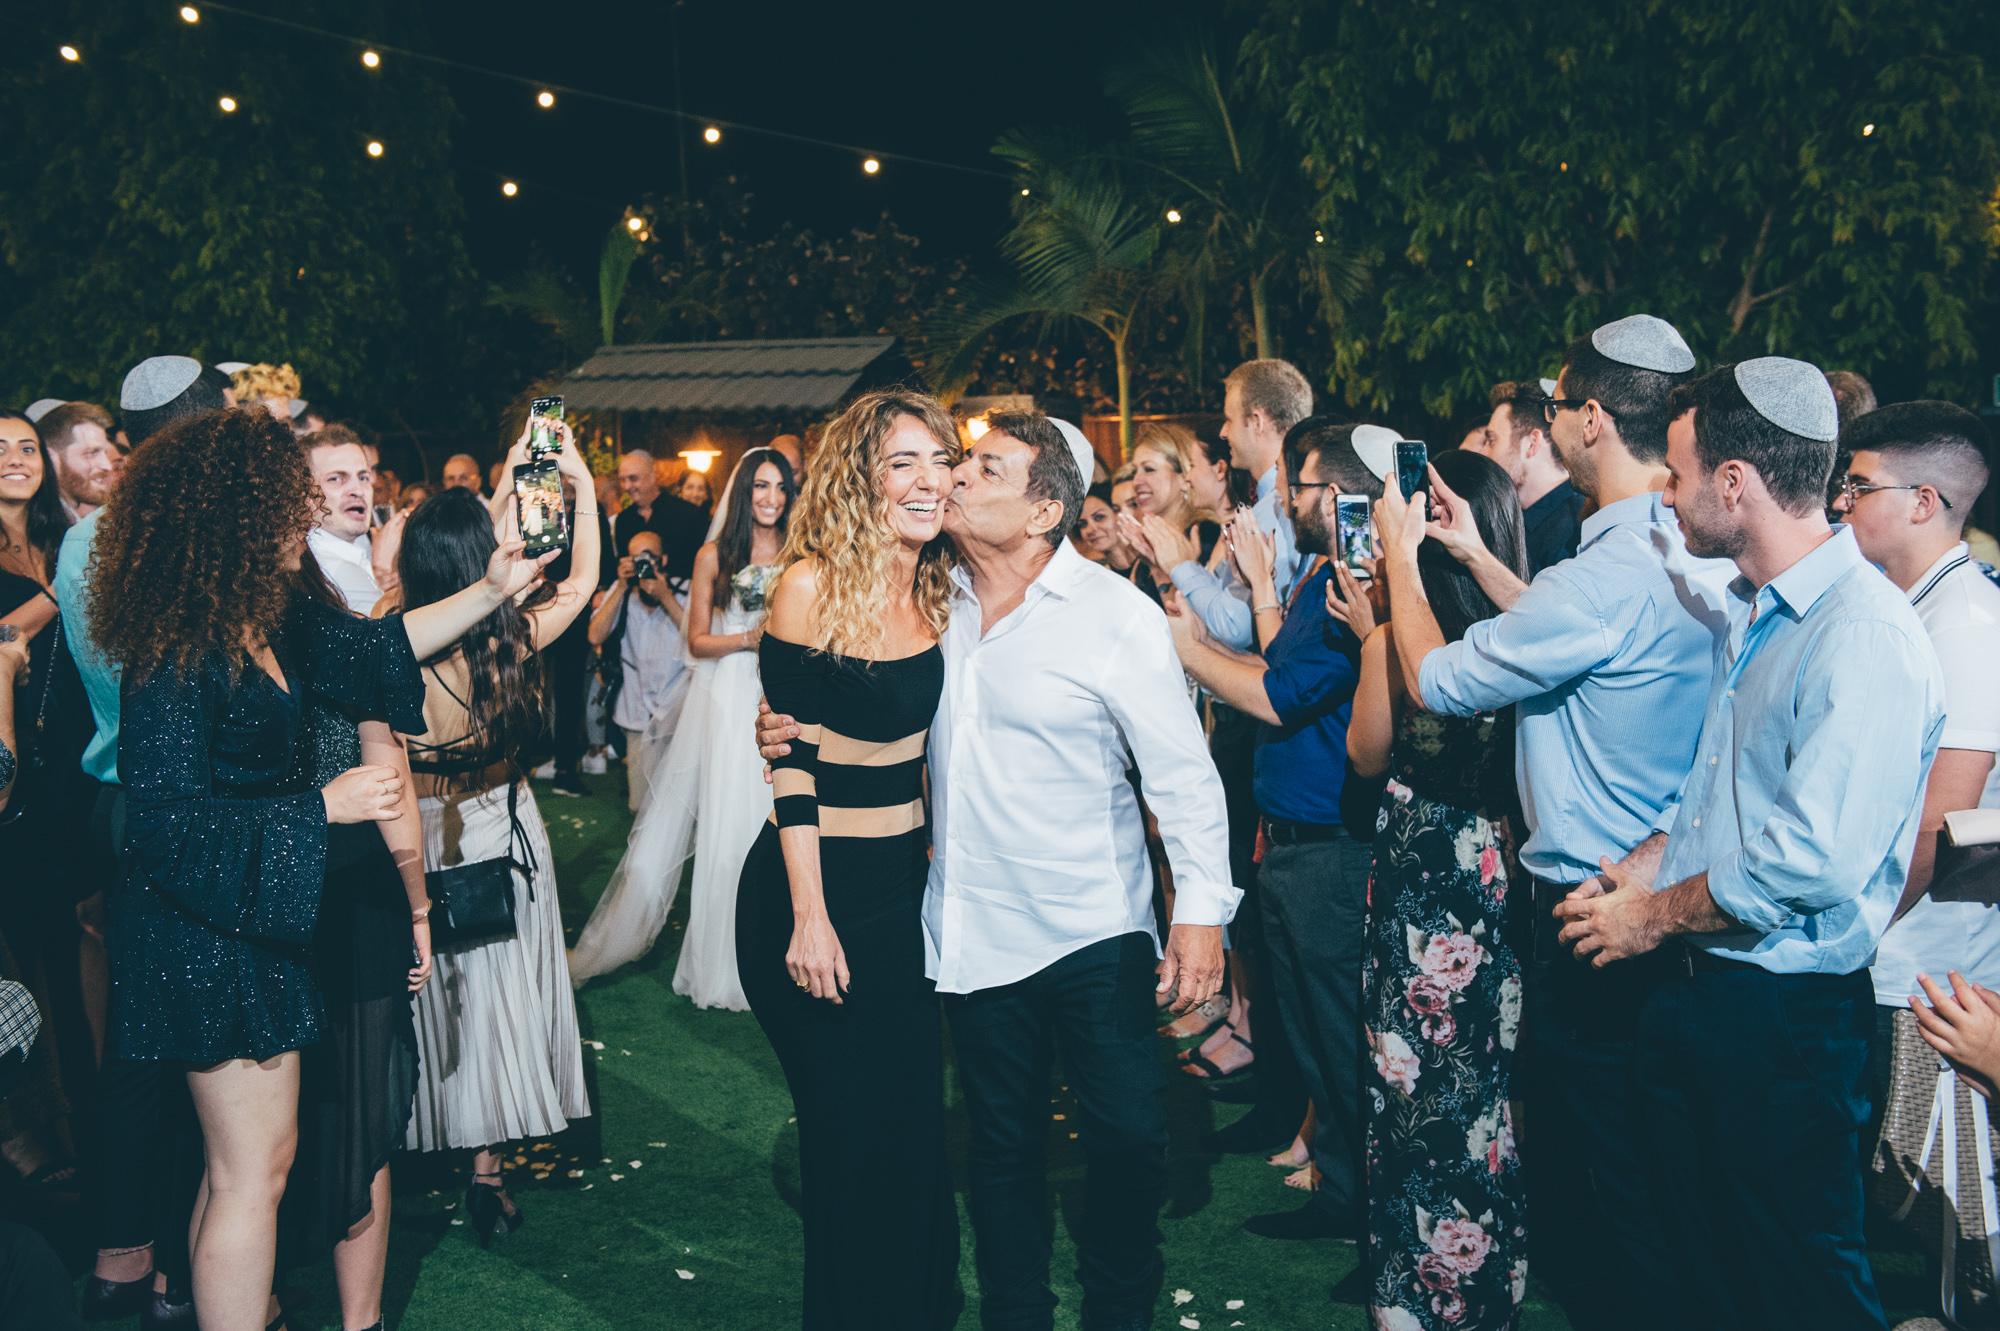 Wedding photos by - Asaf Kliger-75.jpg